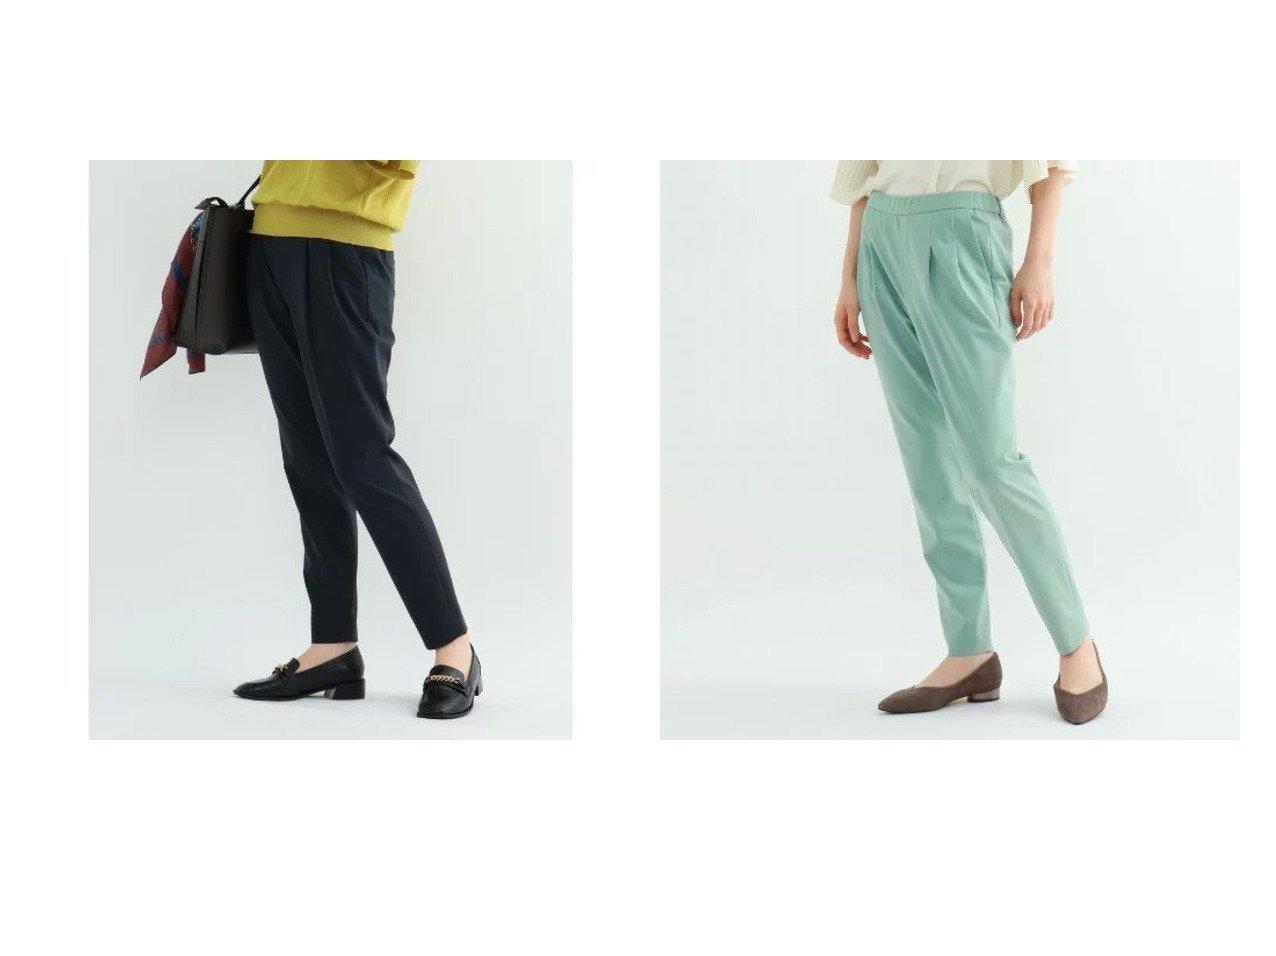 【INDIVI/インディヴィ】の【マシンウォッシュ】ツータックテーパードパンツ パンツのおすすめ!人気、トレンド・レディースファッションの通販 おすすめで人気の流行・トレンド、ファッションの通販商品 メンズファッション・キッズファッション・インテリア・家具・レディースファッション・服の通販 founy(ファニー) https://founy.com/ ファッション Fashion レディースファッション WOMEN パンツ Pants 秋 Autumn/Fall ジャケット ストレッチ スーツ チュニック ドレープ ポケット リラックス |ID:crp329100000019204